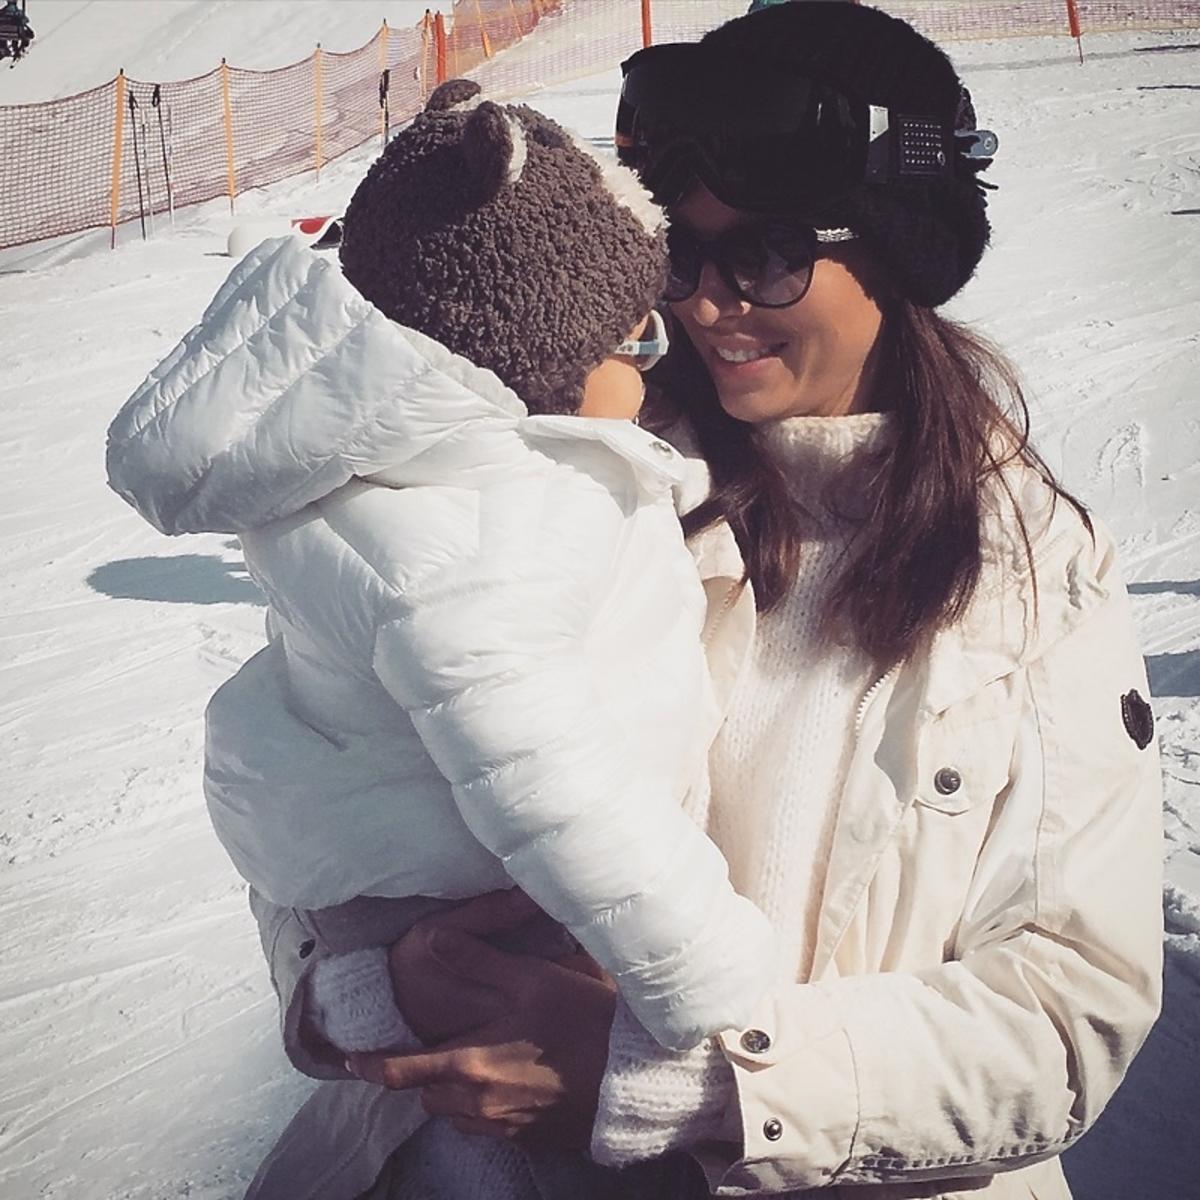 Anna Wendzikowska w białej kurtce z córką Kornelią w białej kurtce na stoku